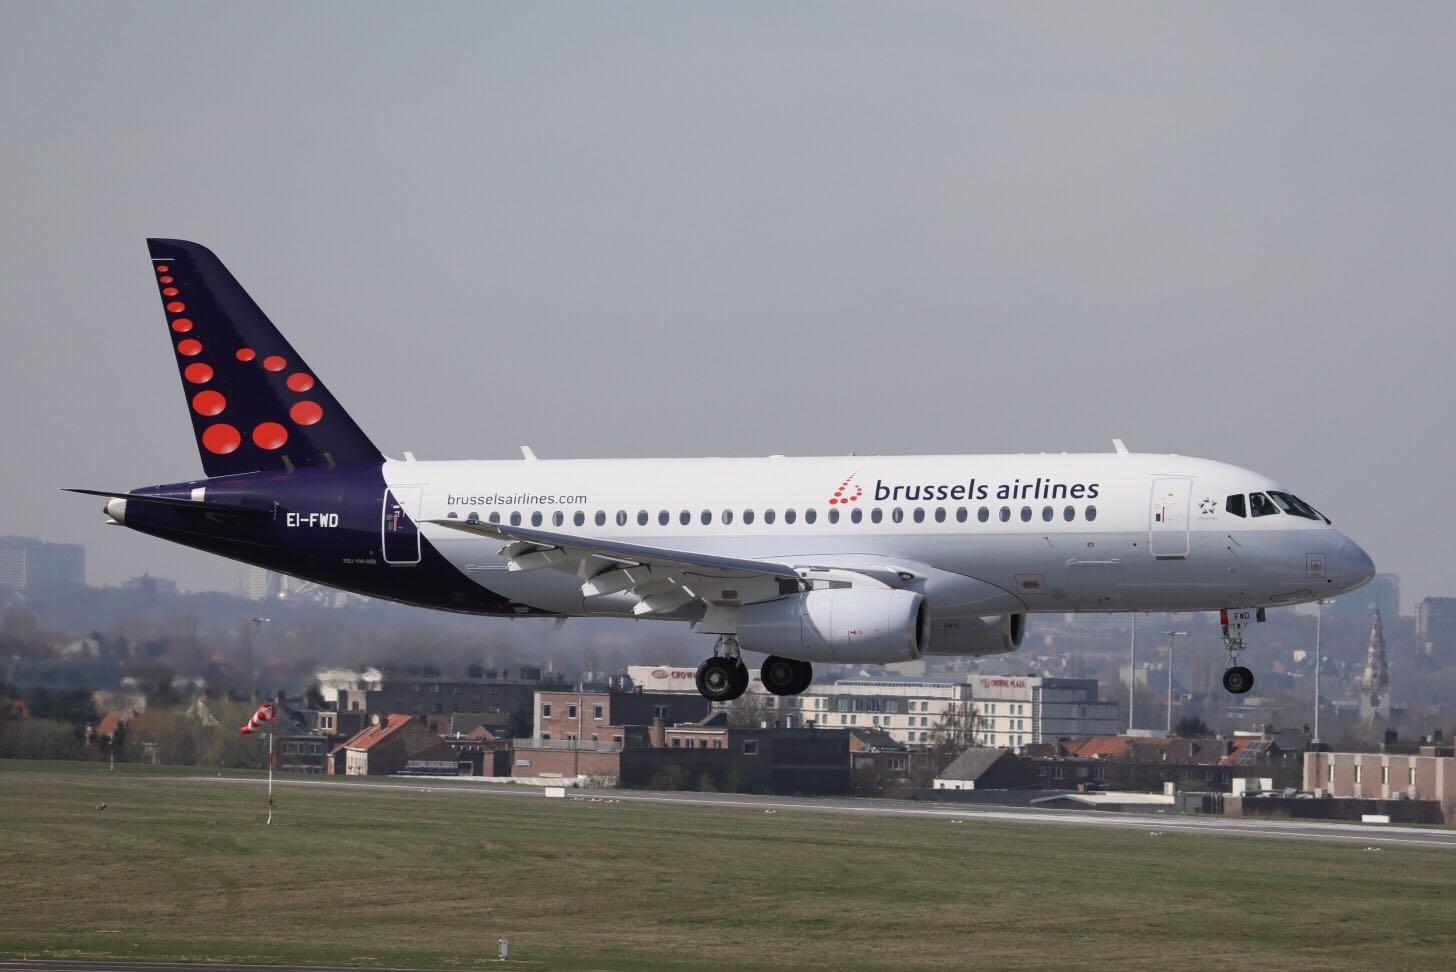 Sukhoi Superjet-100 - в ливрее Brussels Airlines